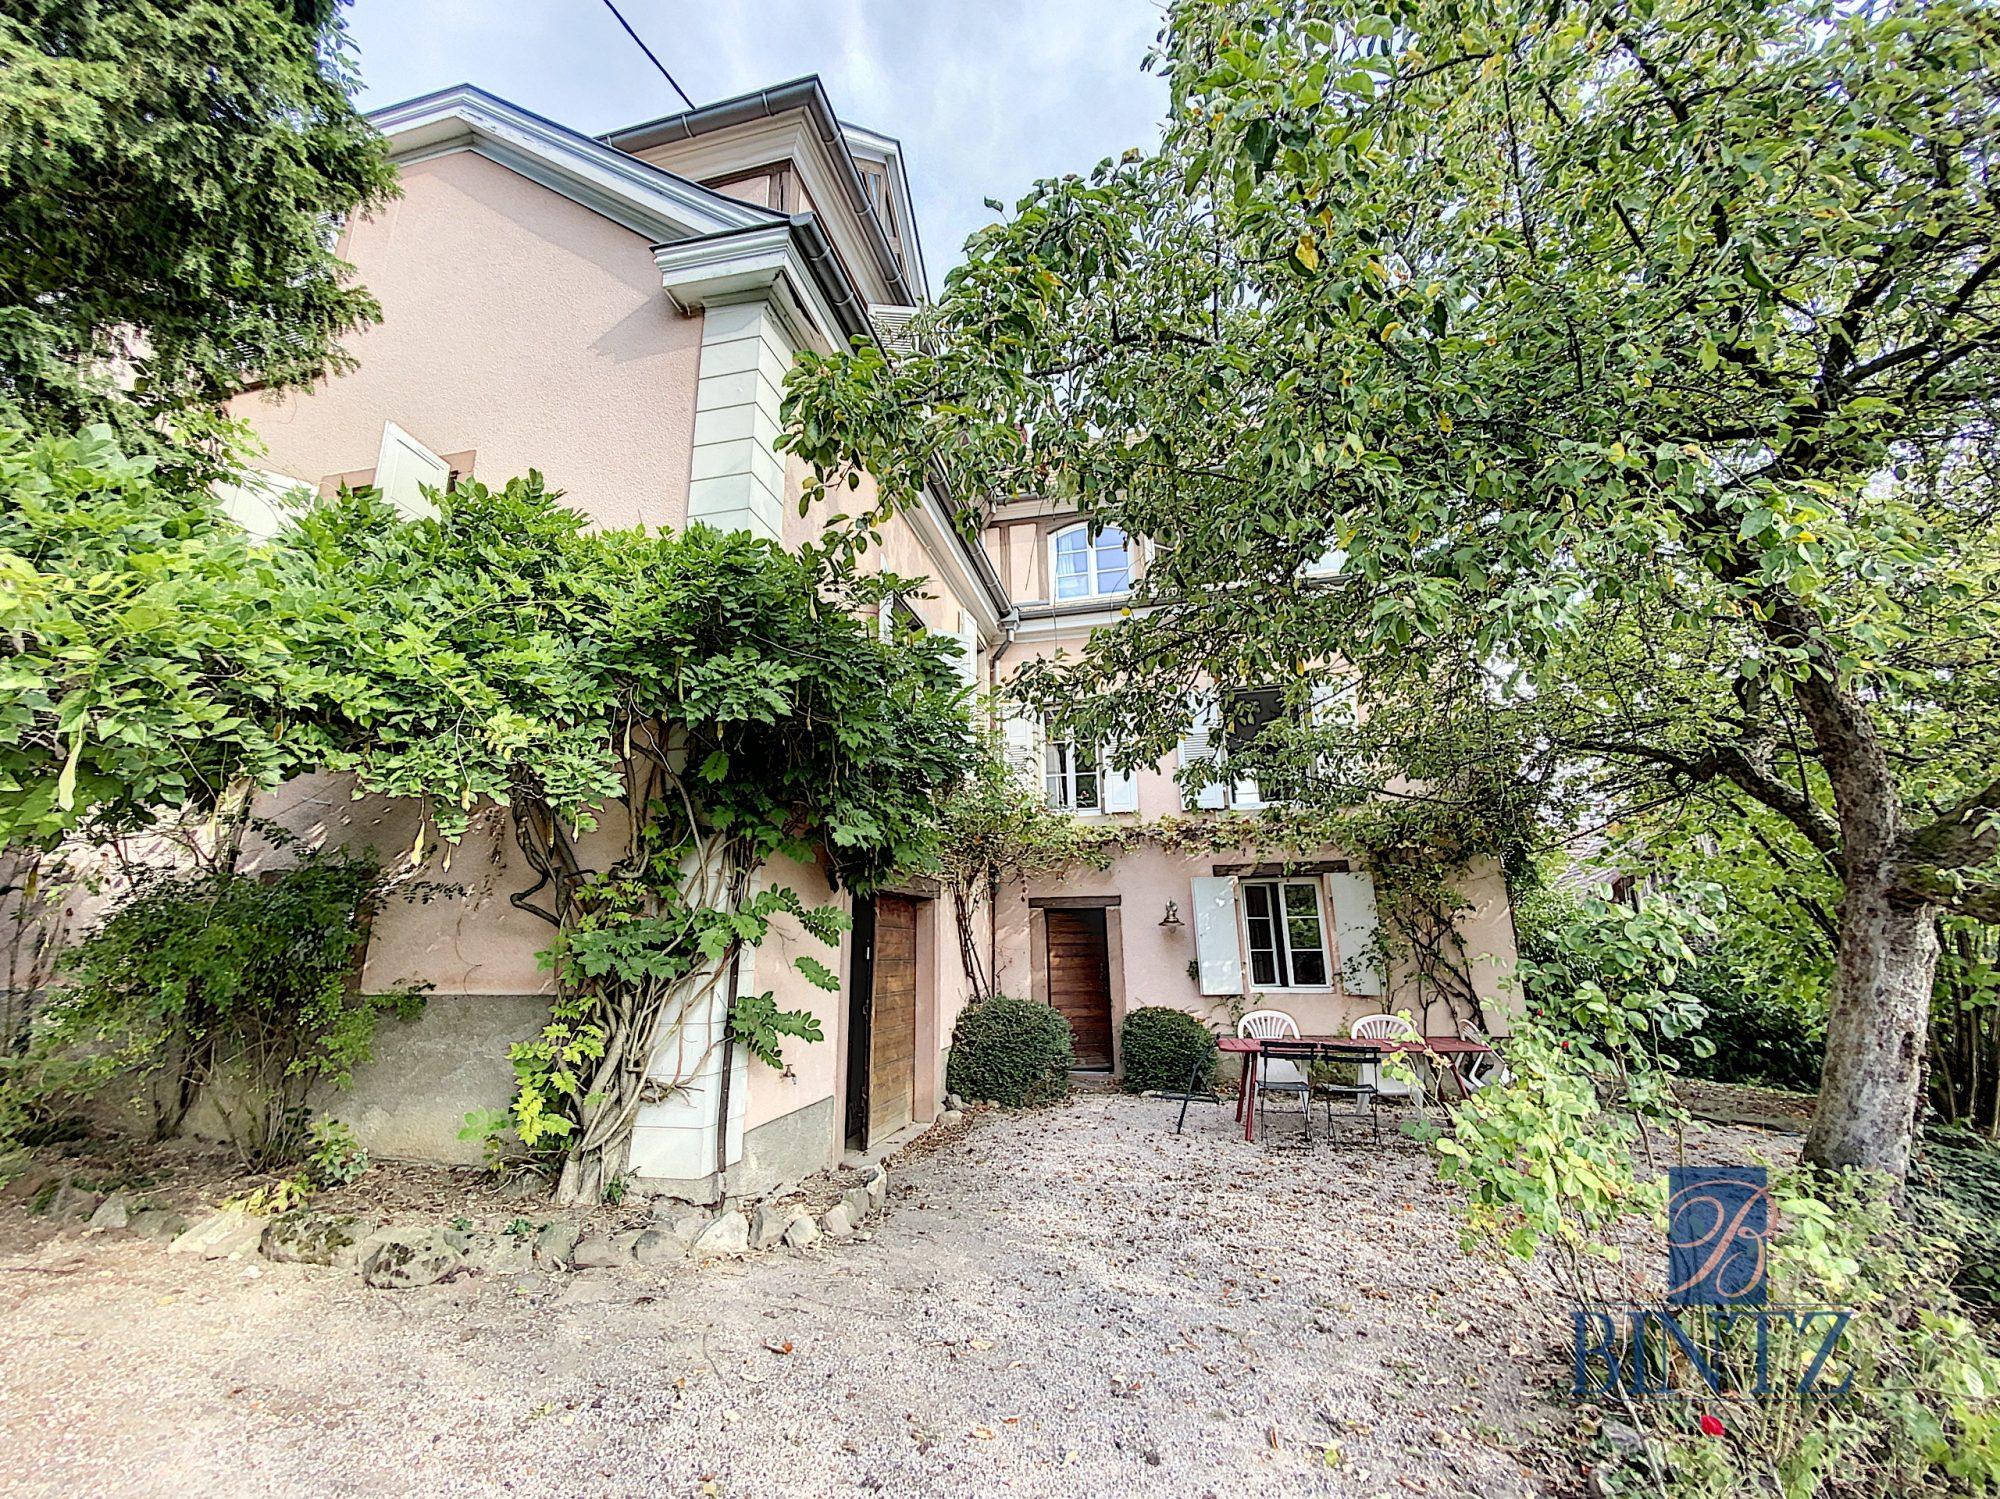 MAGNIFIQUE maison bourgeoise à HEILIGENSTEIN - Devenez propriétaire en toute confiance - Bintz Immobilier - 1